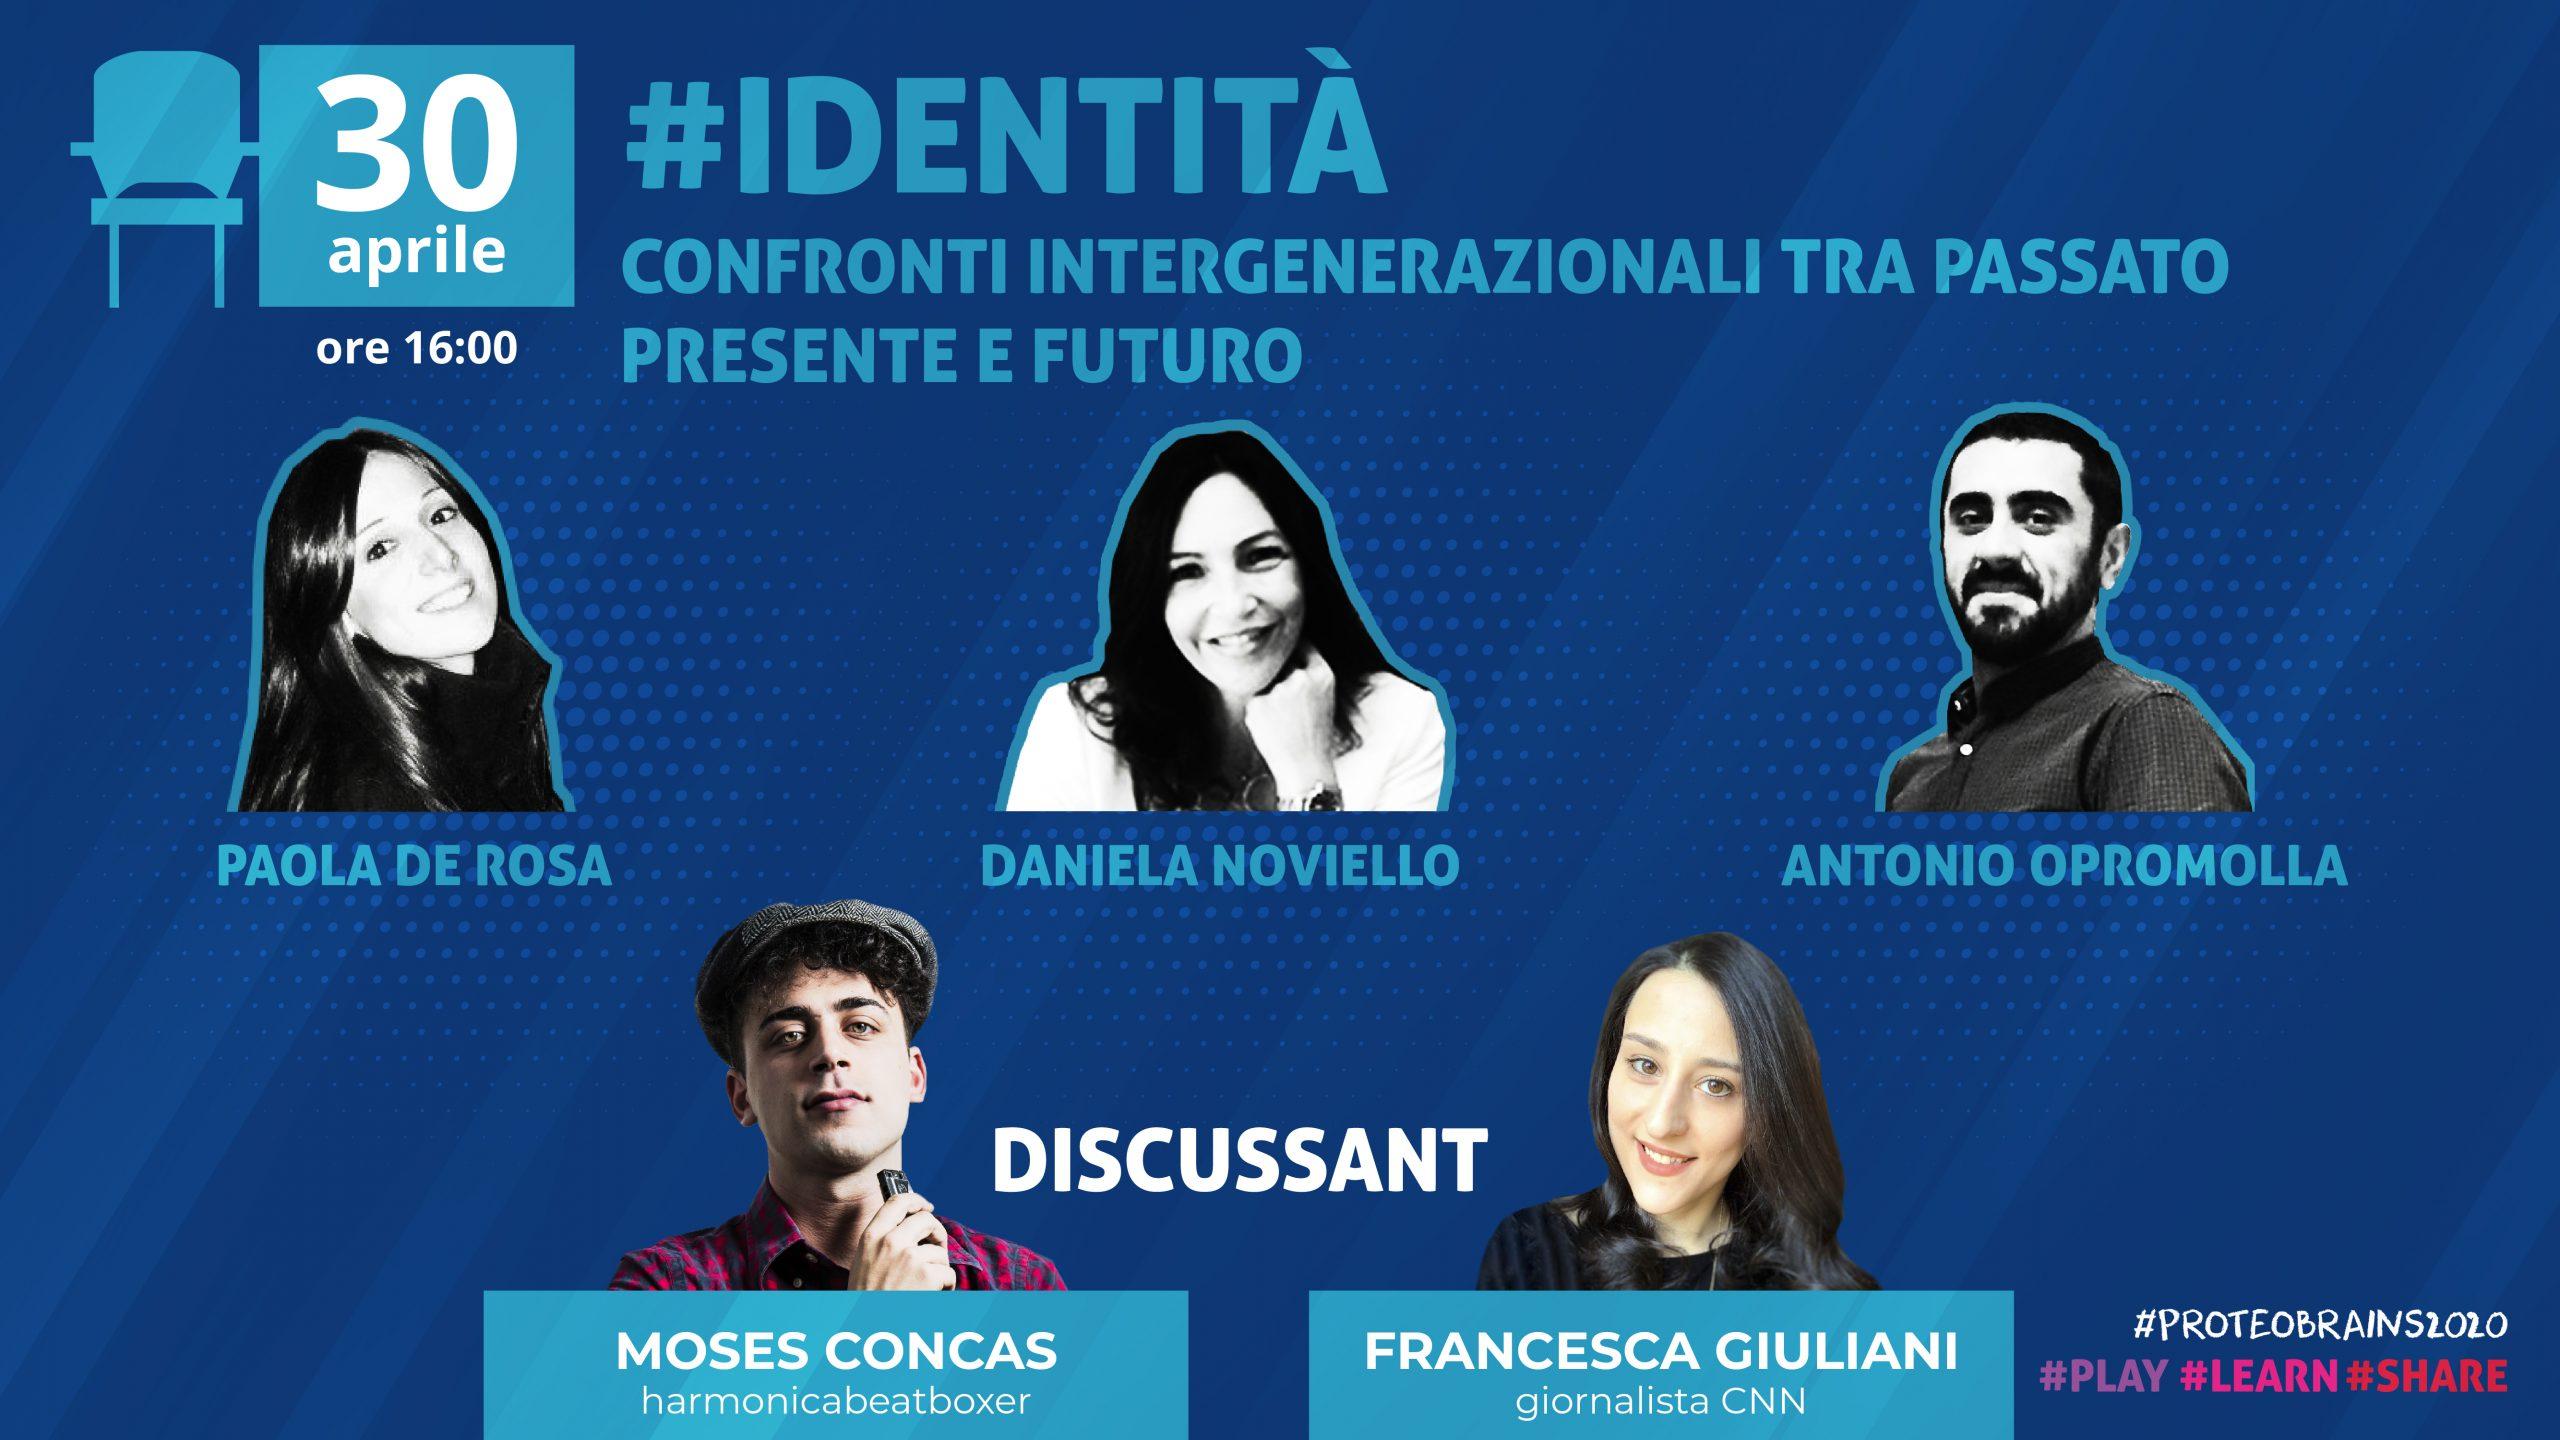 #Identità-partecipanti